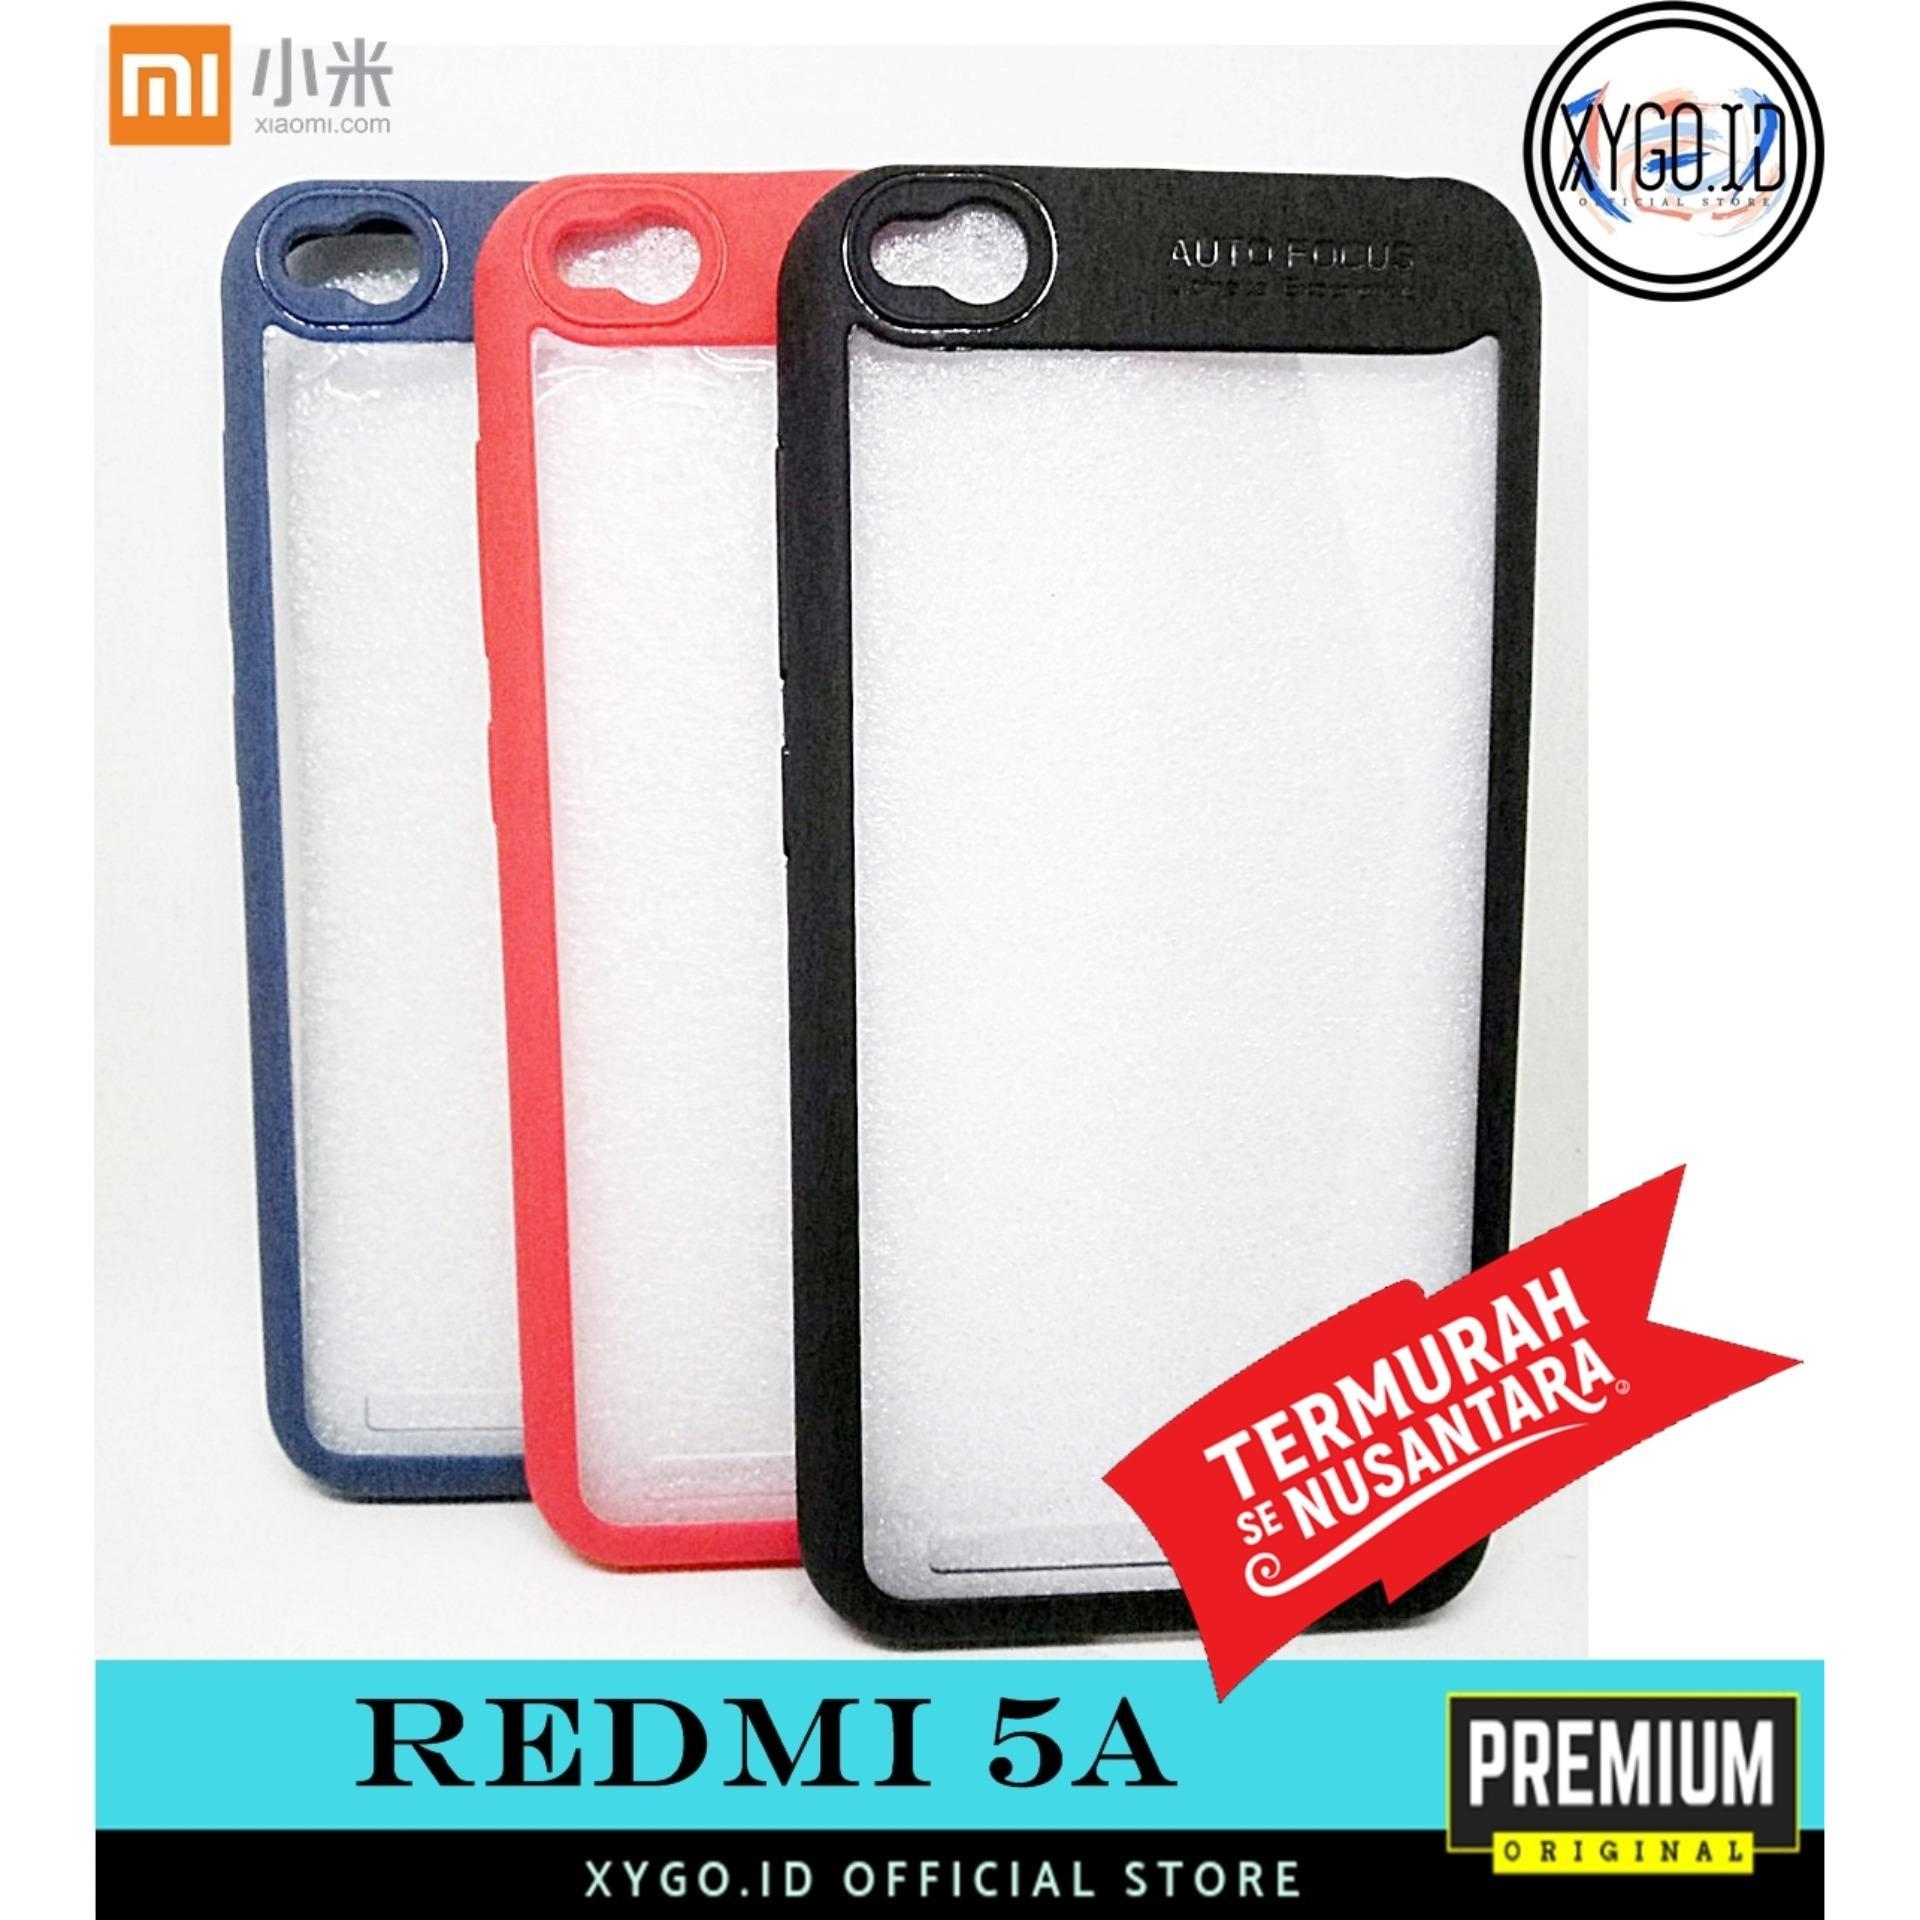 Case Acrylic Xygo Premium XIAOMI Redmi 5A Softcase Casing Cover Autofocus Transparan